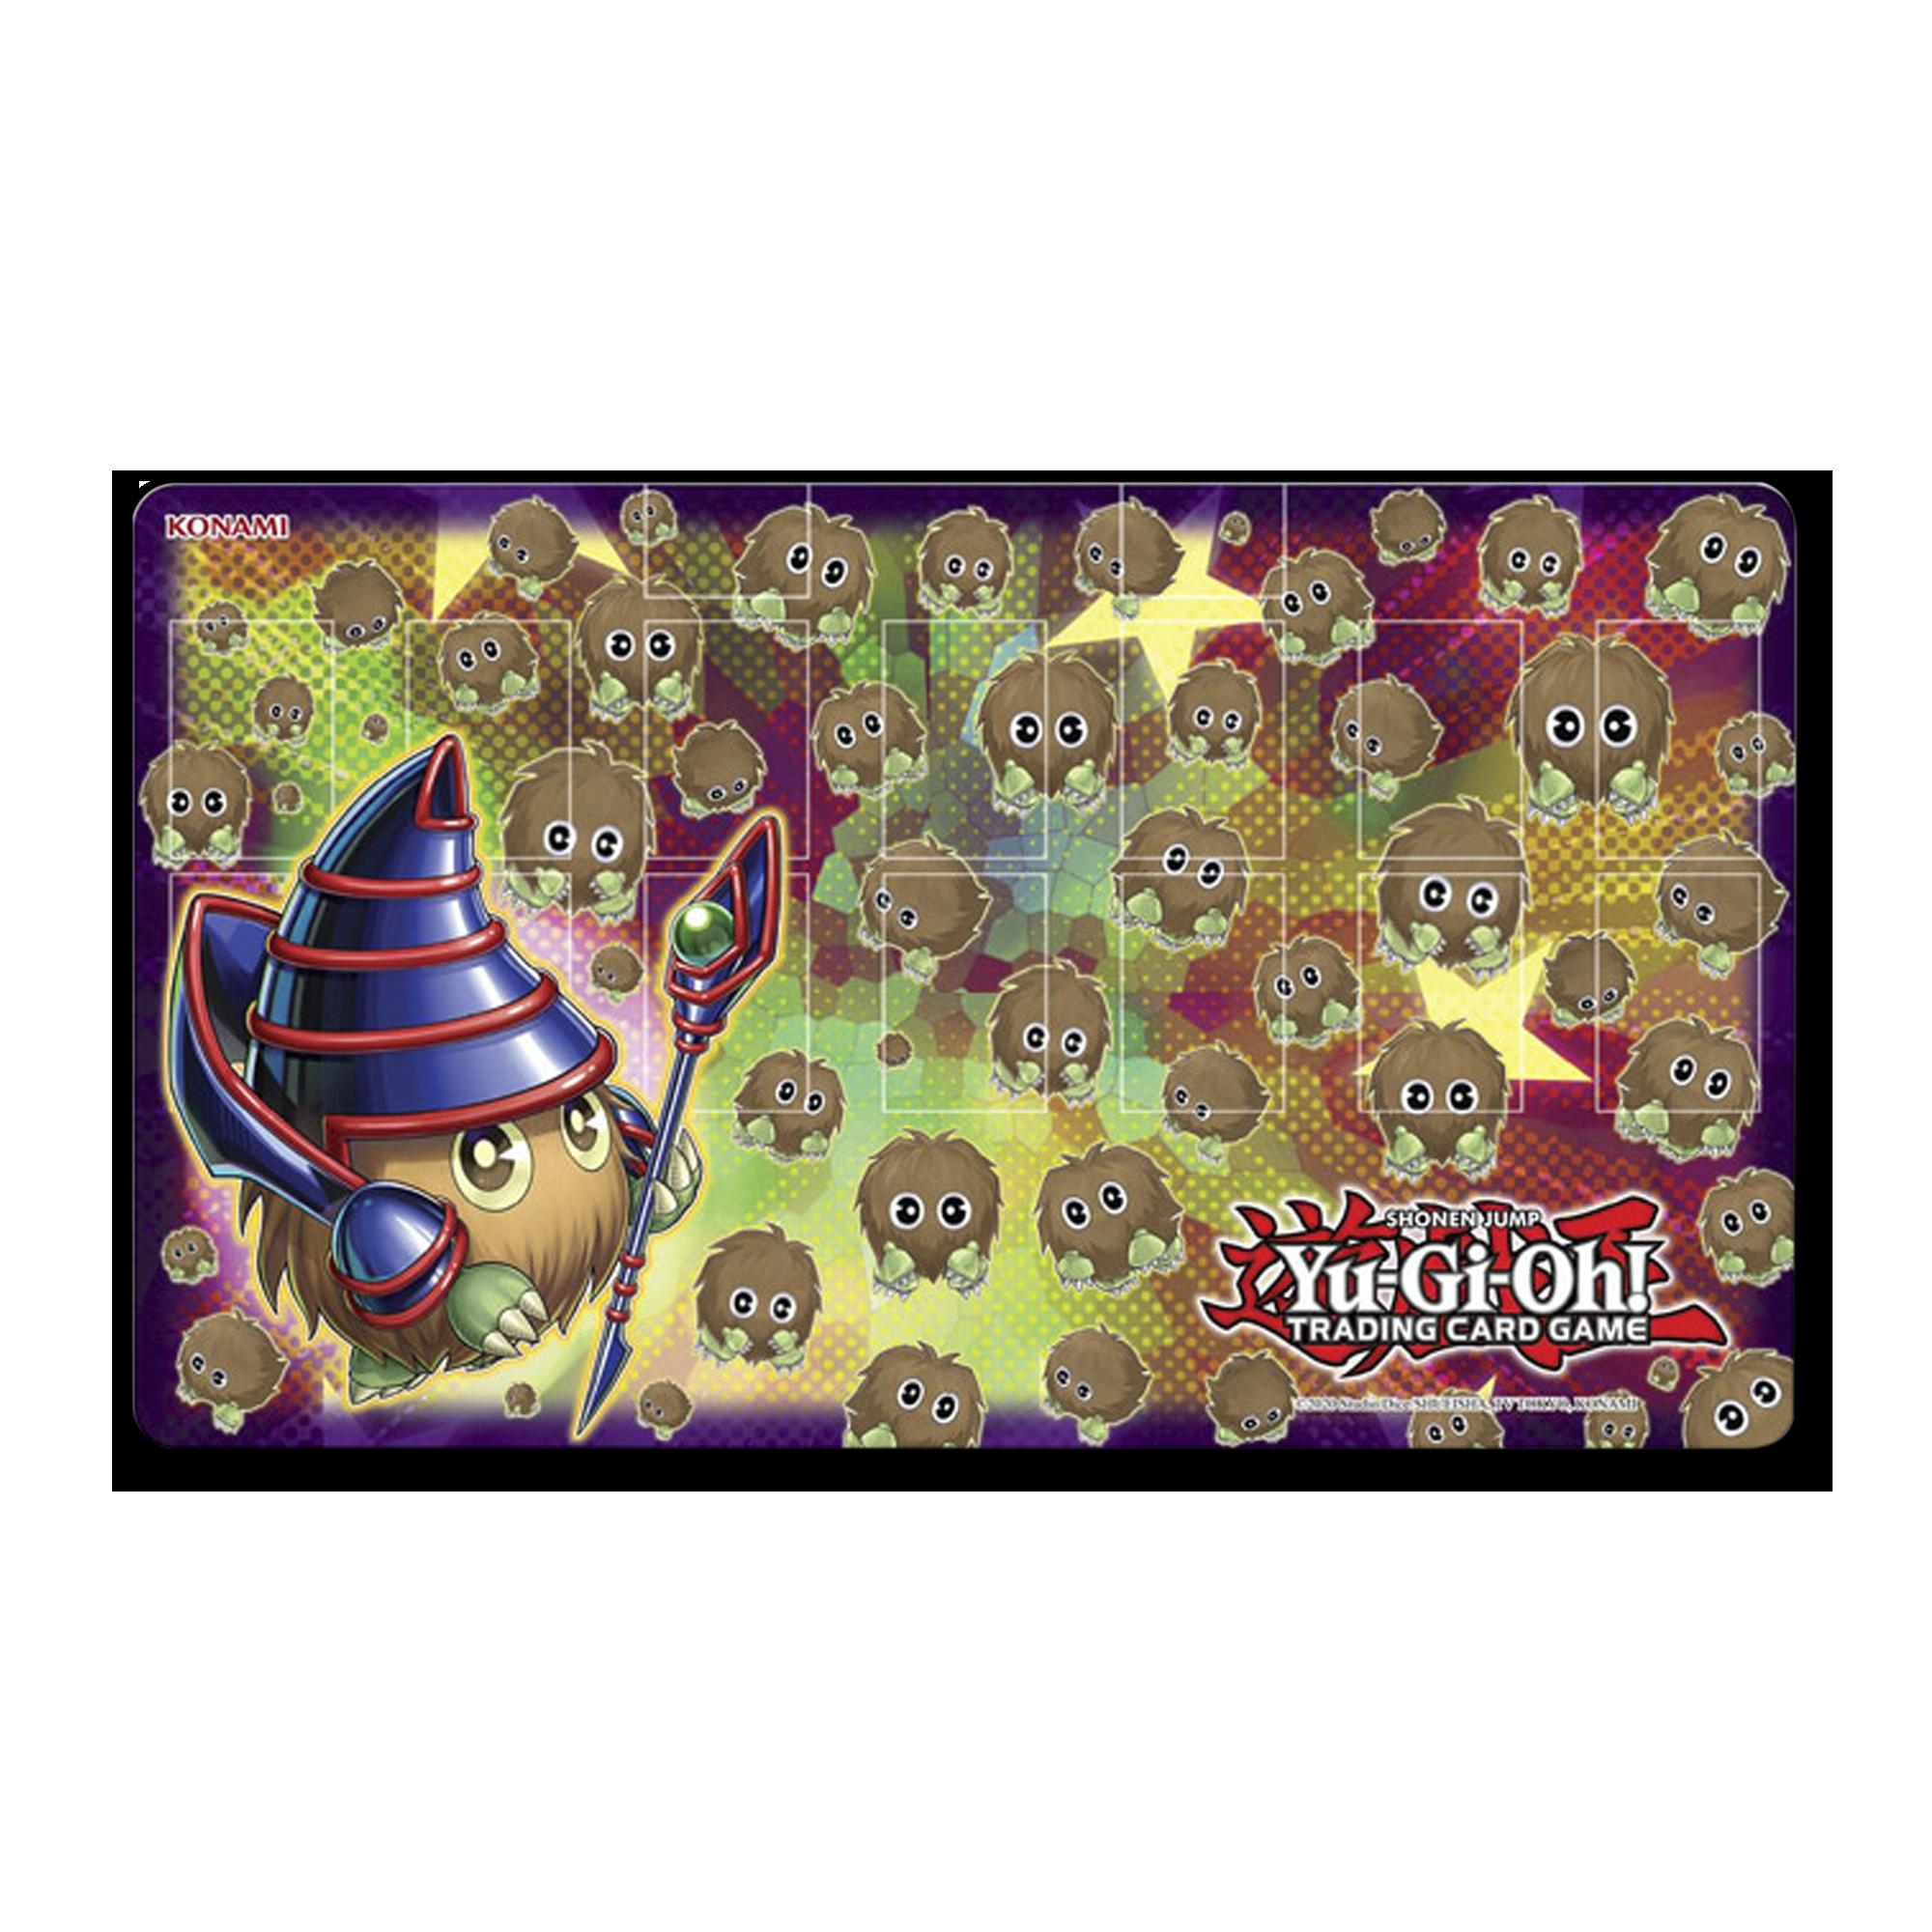 NEW KONAMI OFFICIAL KURIBOH KOLLECTION GAME MAT | YuGiOh PRESALE 02/11/22